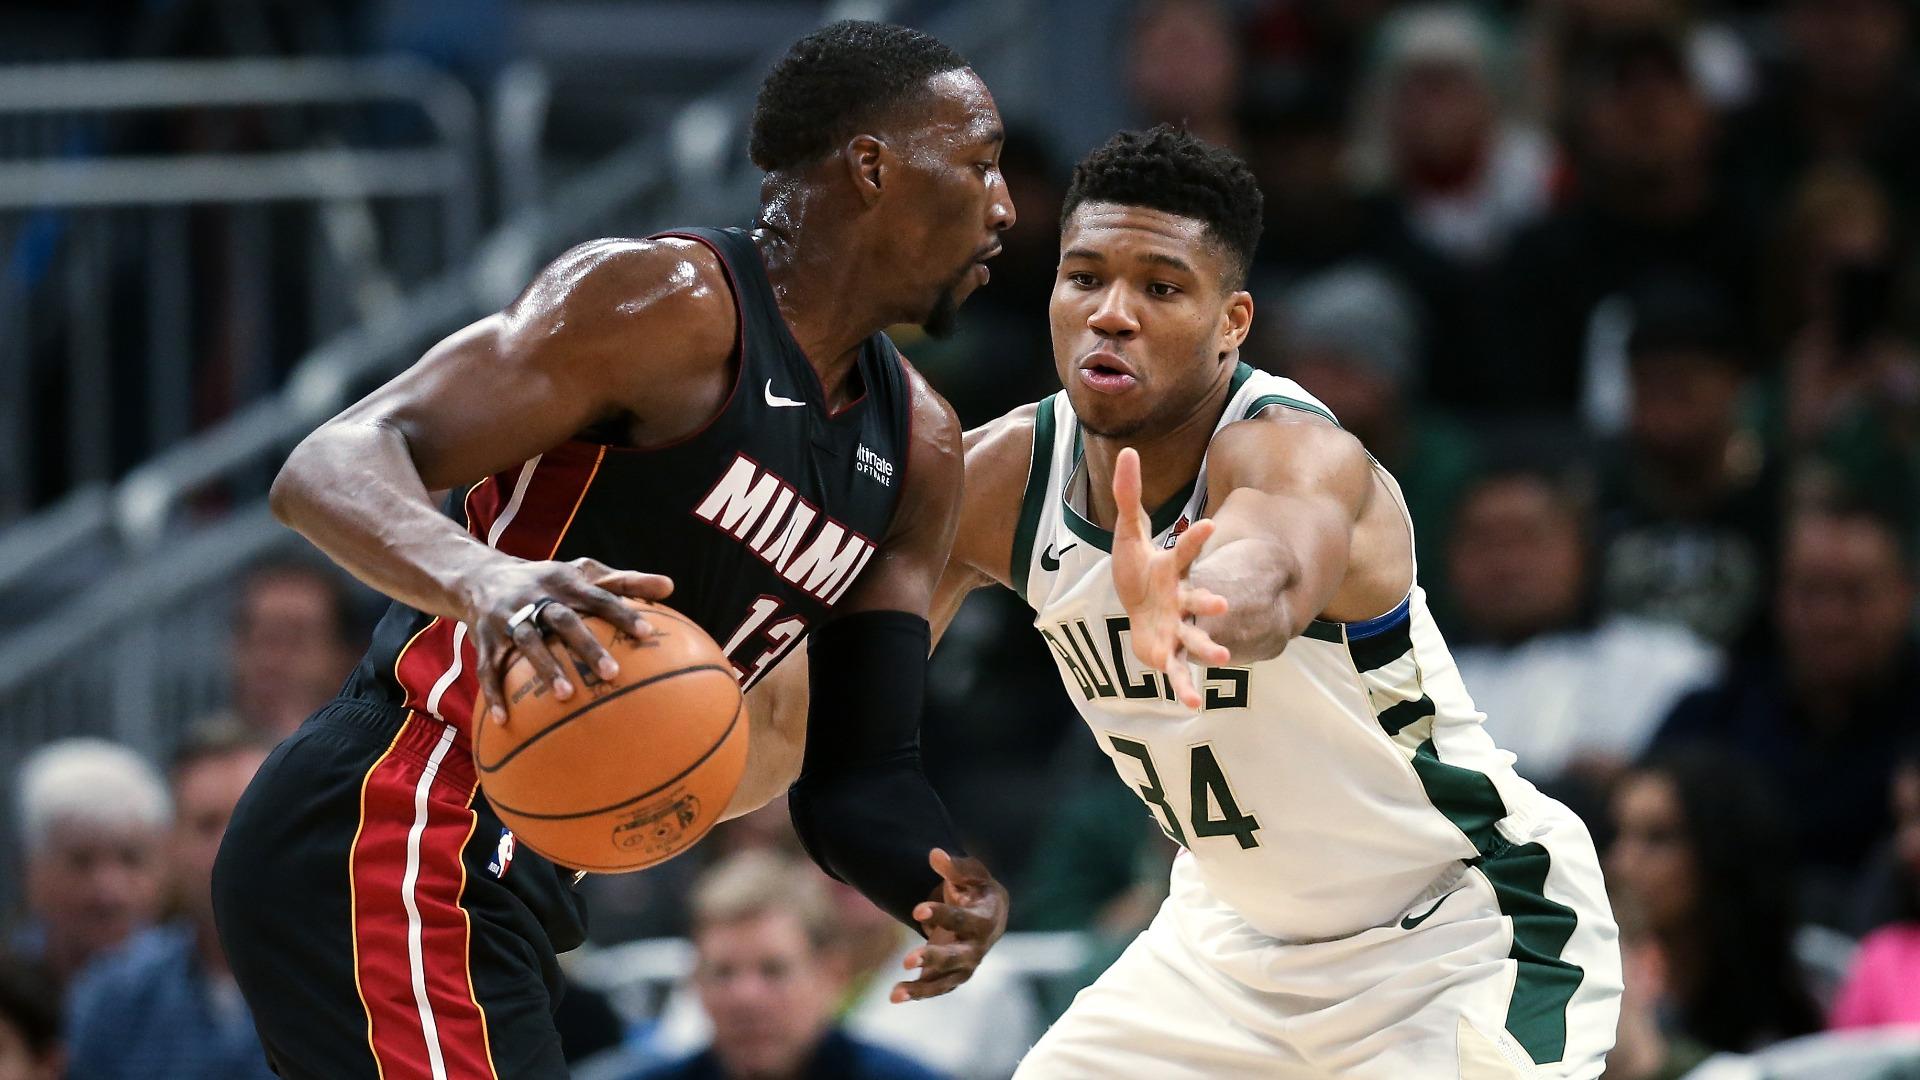 NBA Big Game Focus: Bucks pursue playoff revenge in Heat double-header